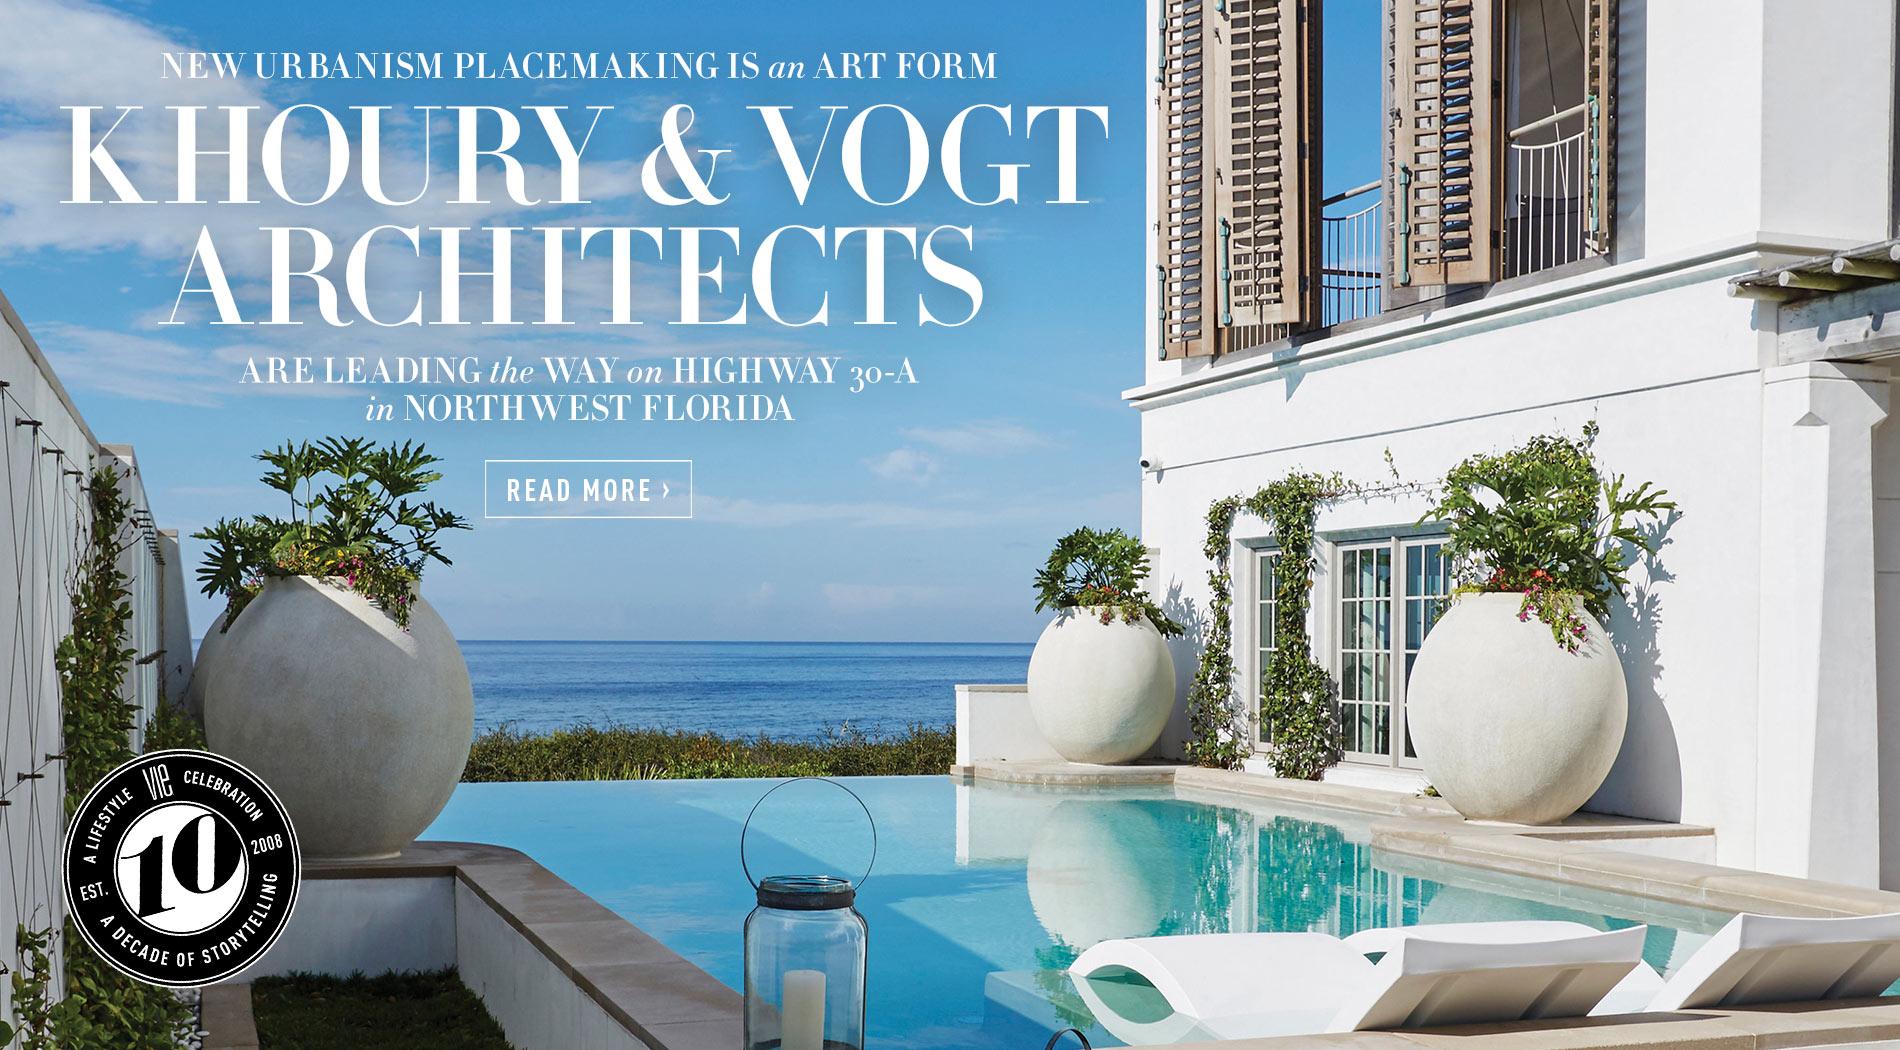 VIE Magazine - July 2018 Architecture & Design Issue - Khoury & Vogt Architects